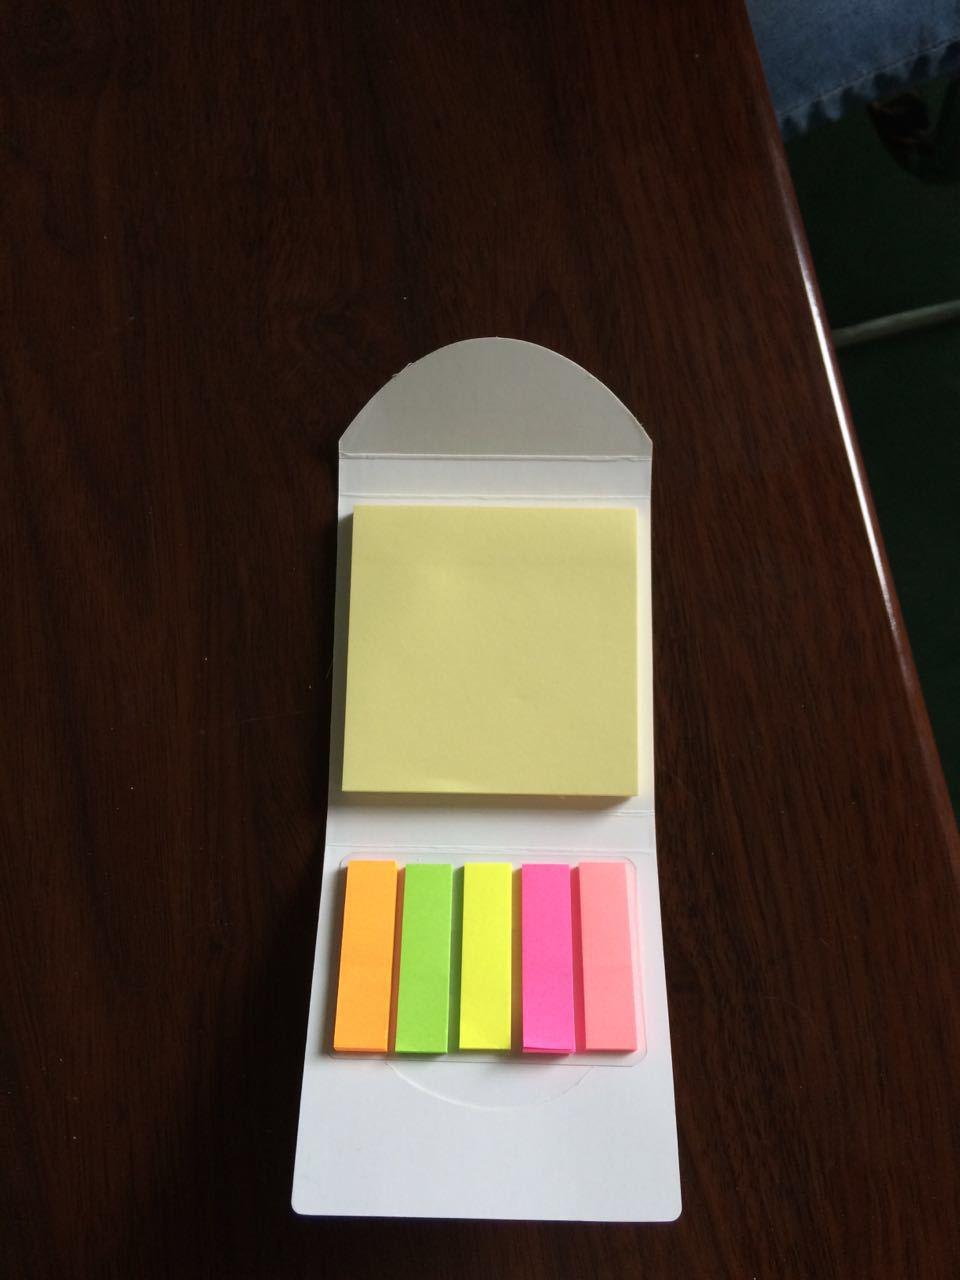 定制小巧可爱造型记事贴 便利贴 N次贴 便签本 胶性强 可反复粘贴